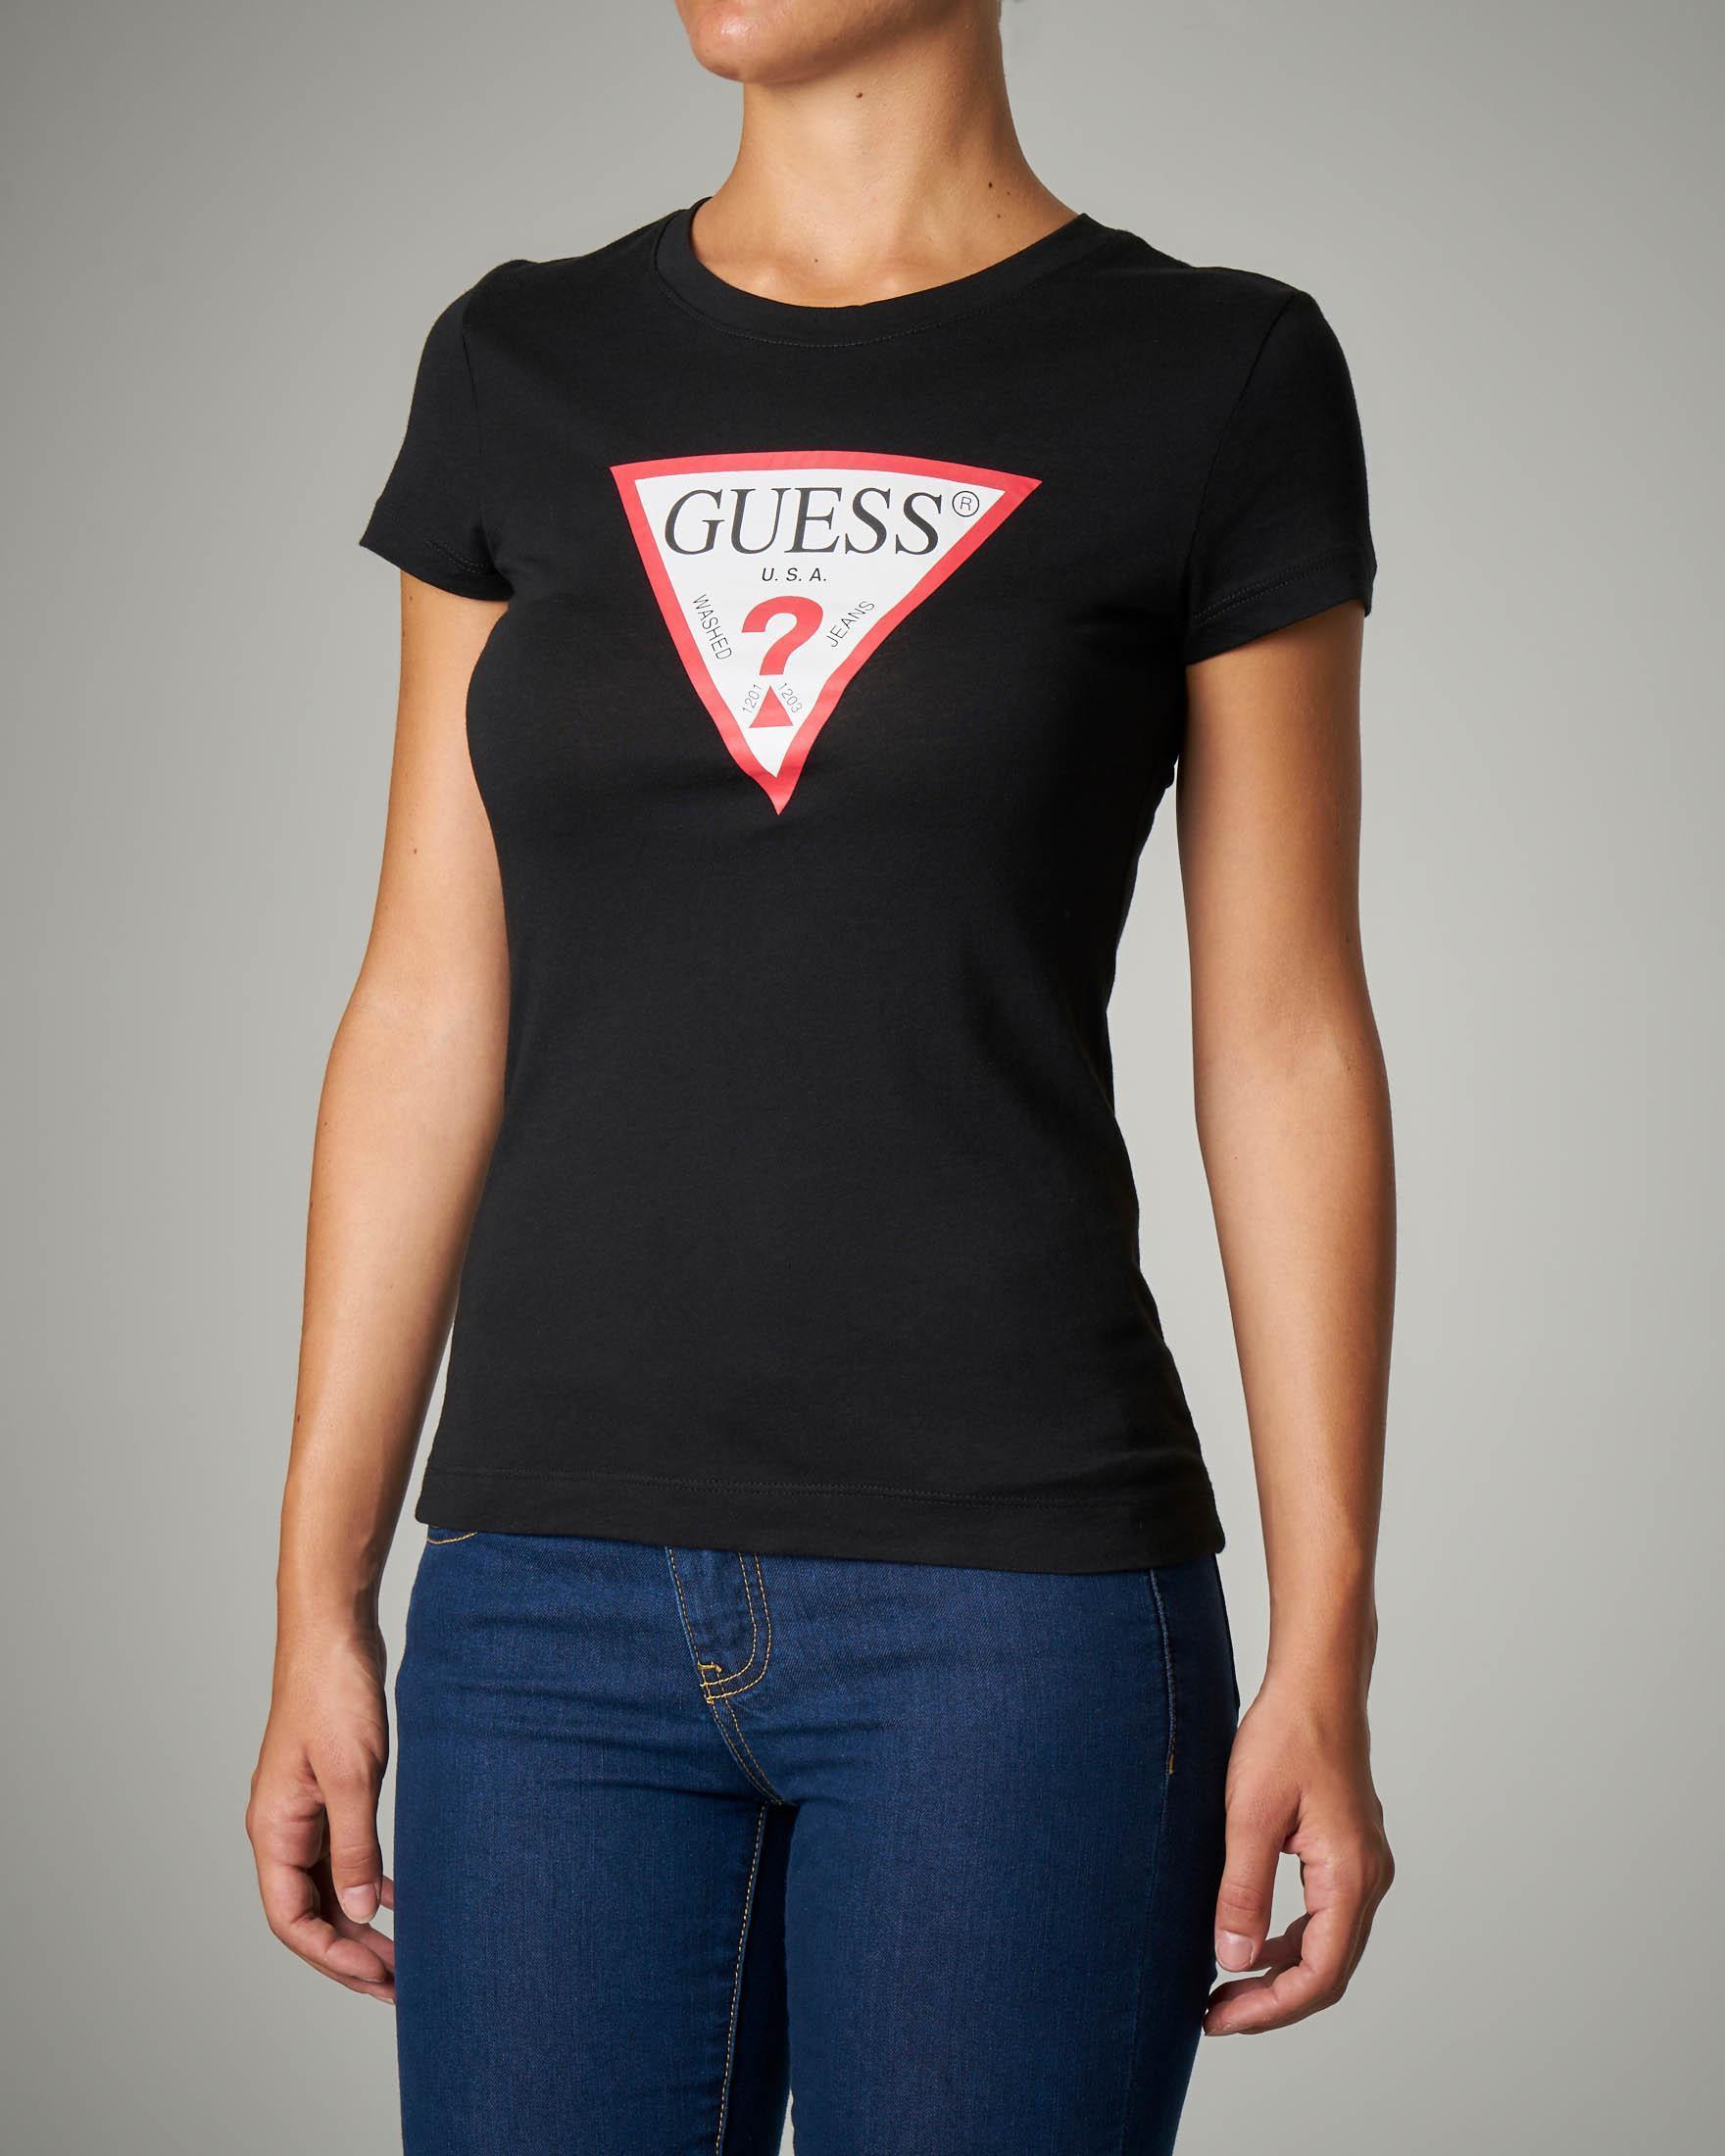 559123c463987f T-shirt girocollo nera con stampa logo